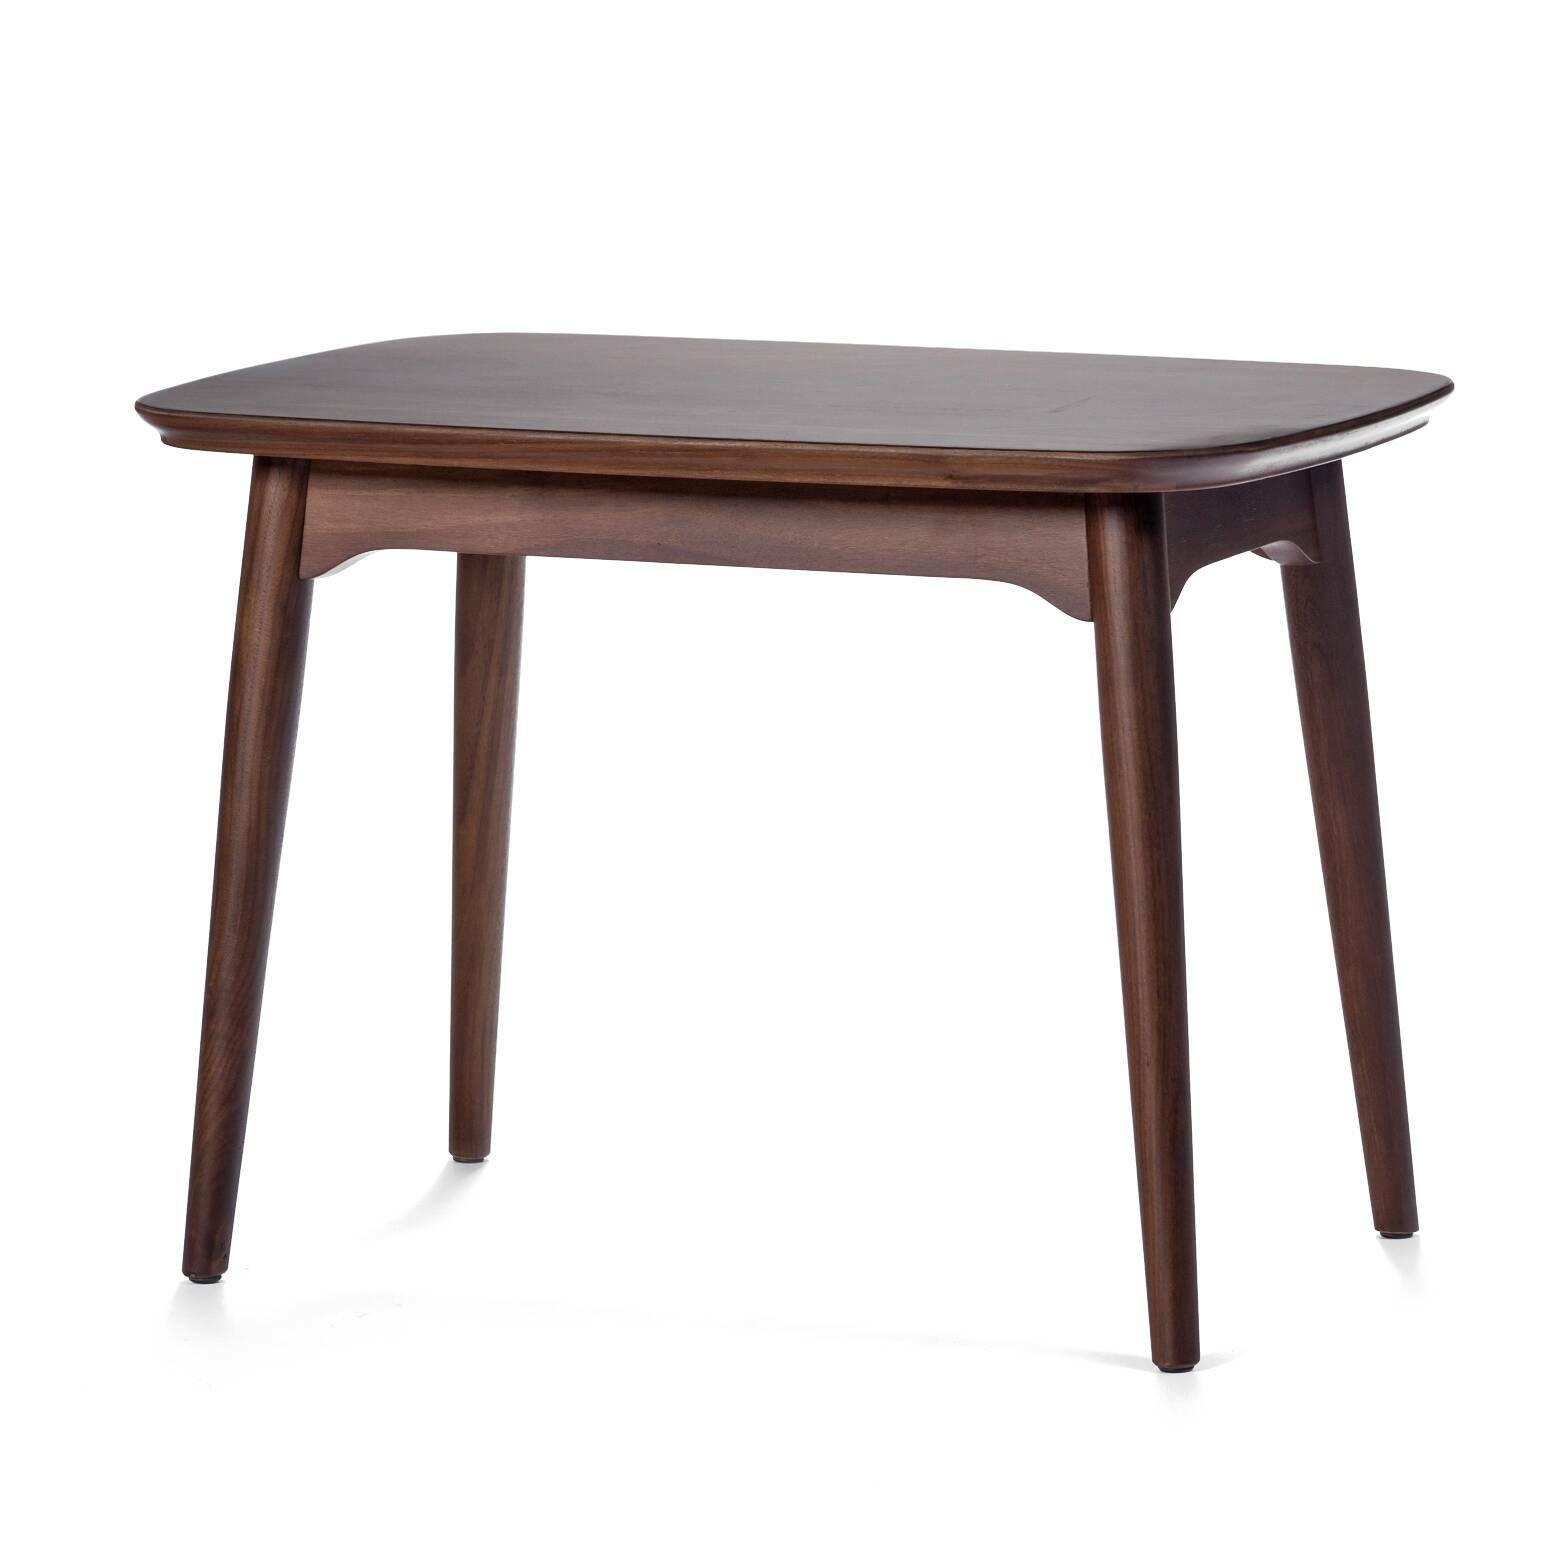 Кофейный стол Dad прямоугольный высота 50 кофейный стол dad квадратный малый высота 40